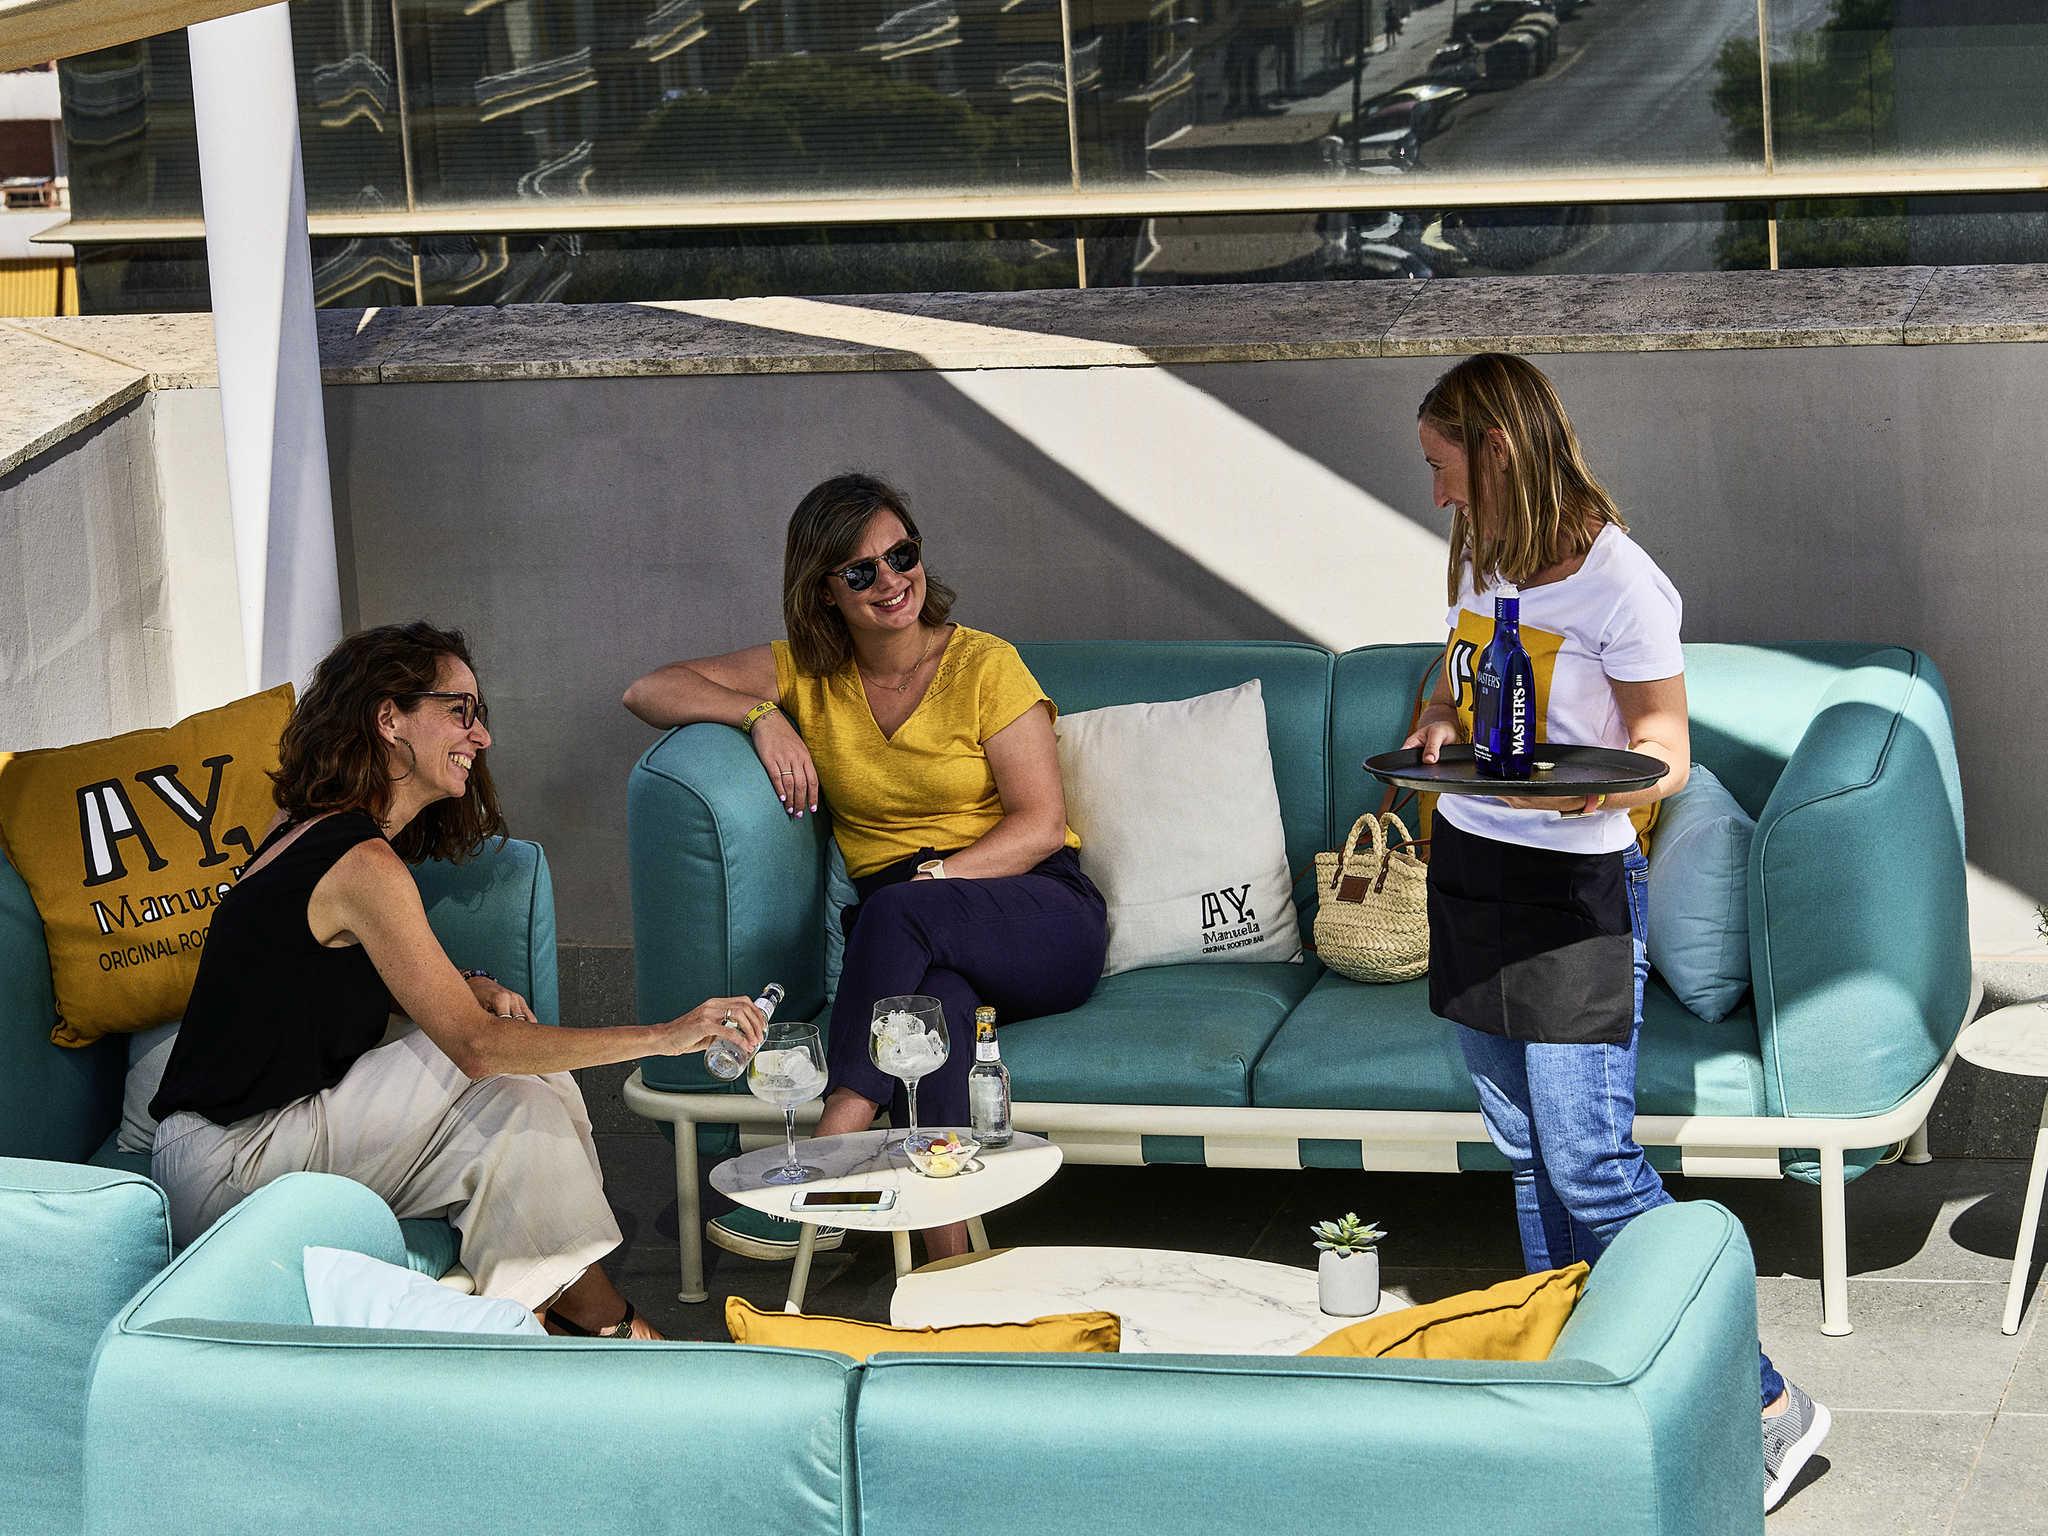 Novotel sevilla hoteles en sevilla accorhotrvion con for Hoteles en sevilla con habitaciones cuadruples